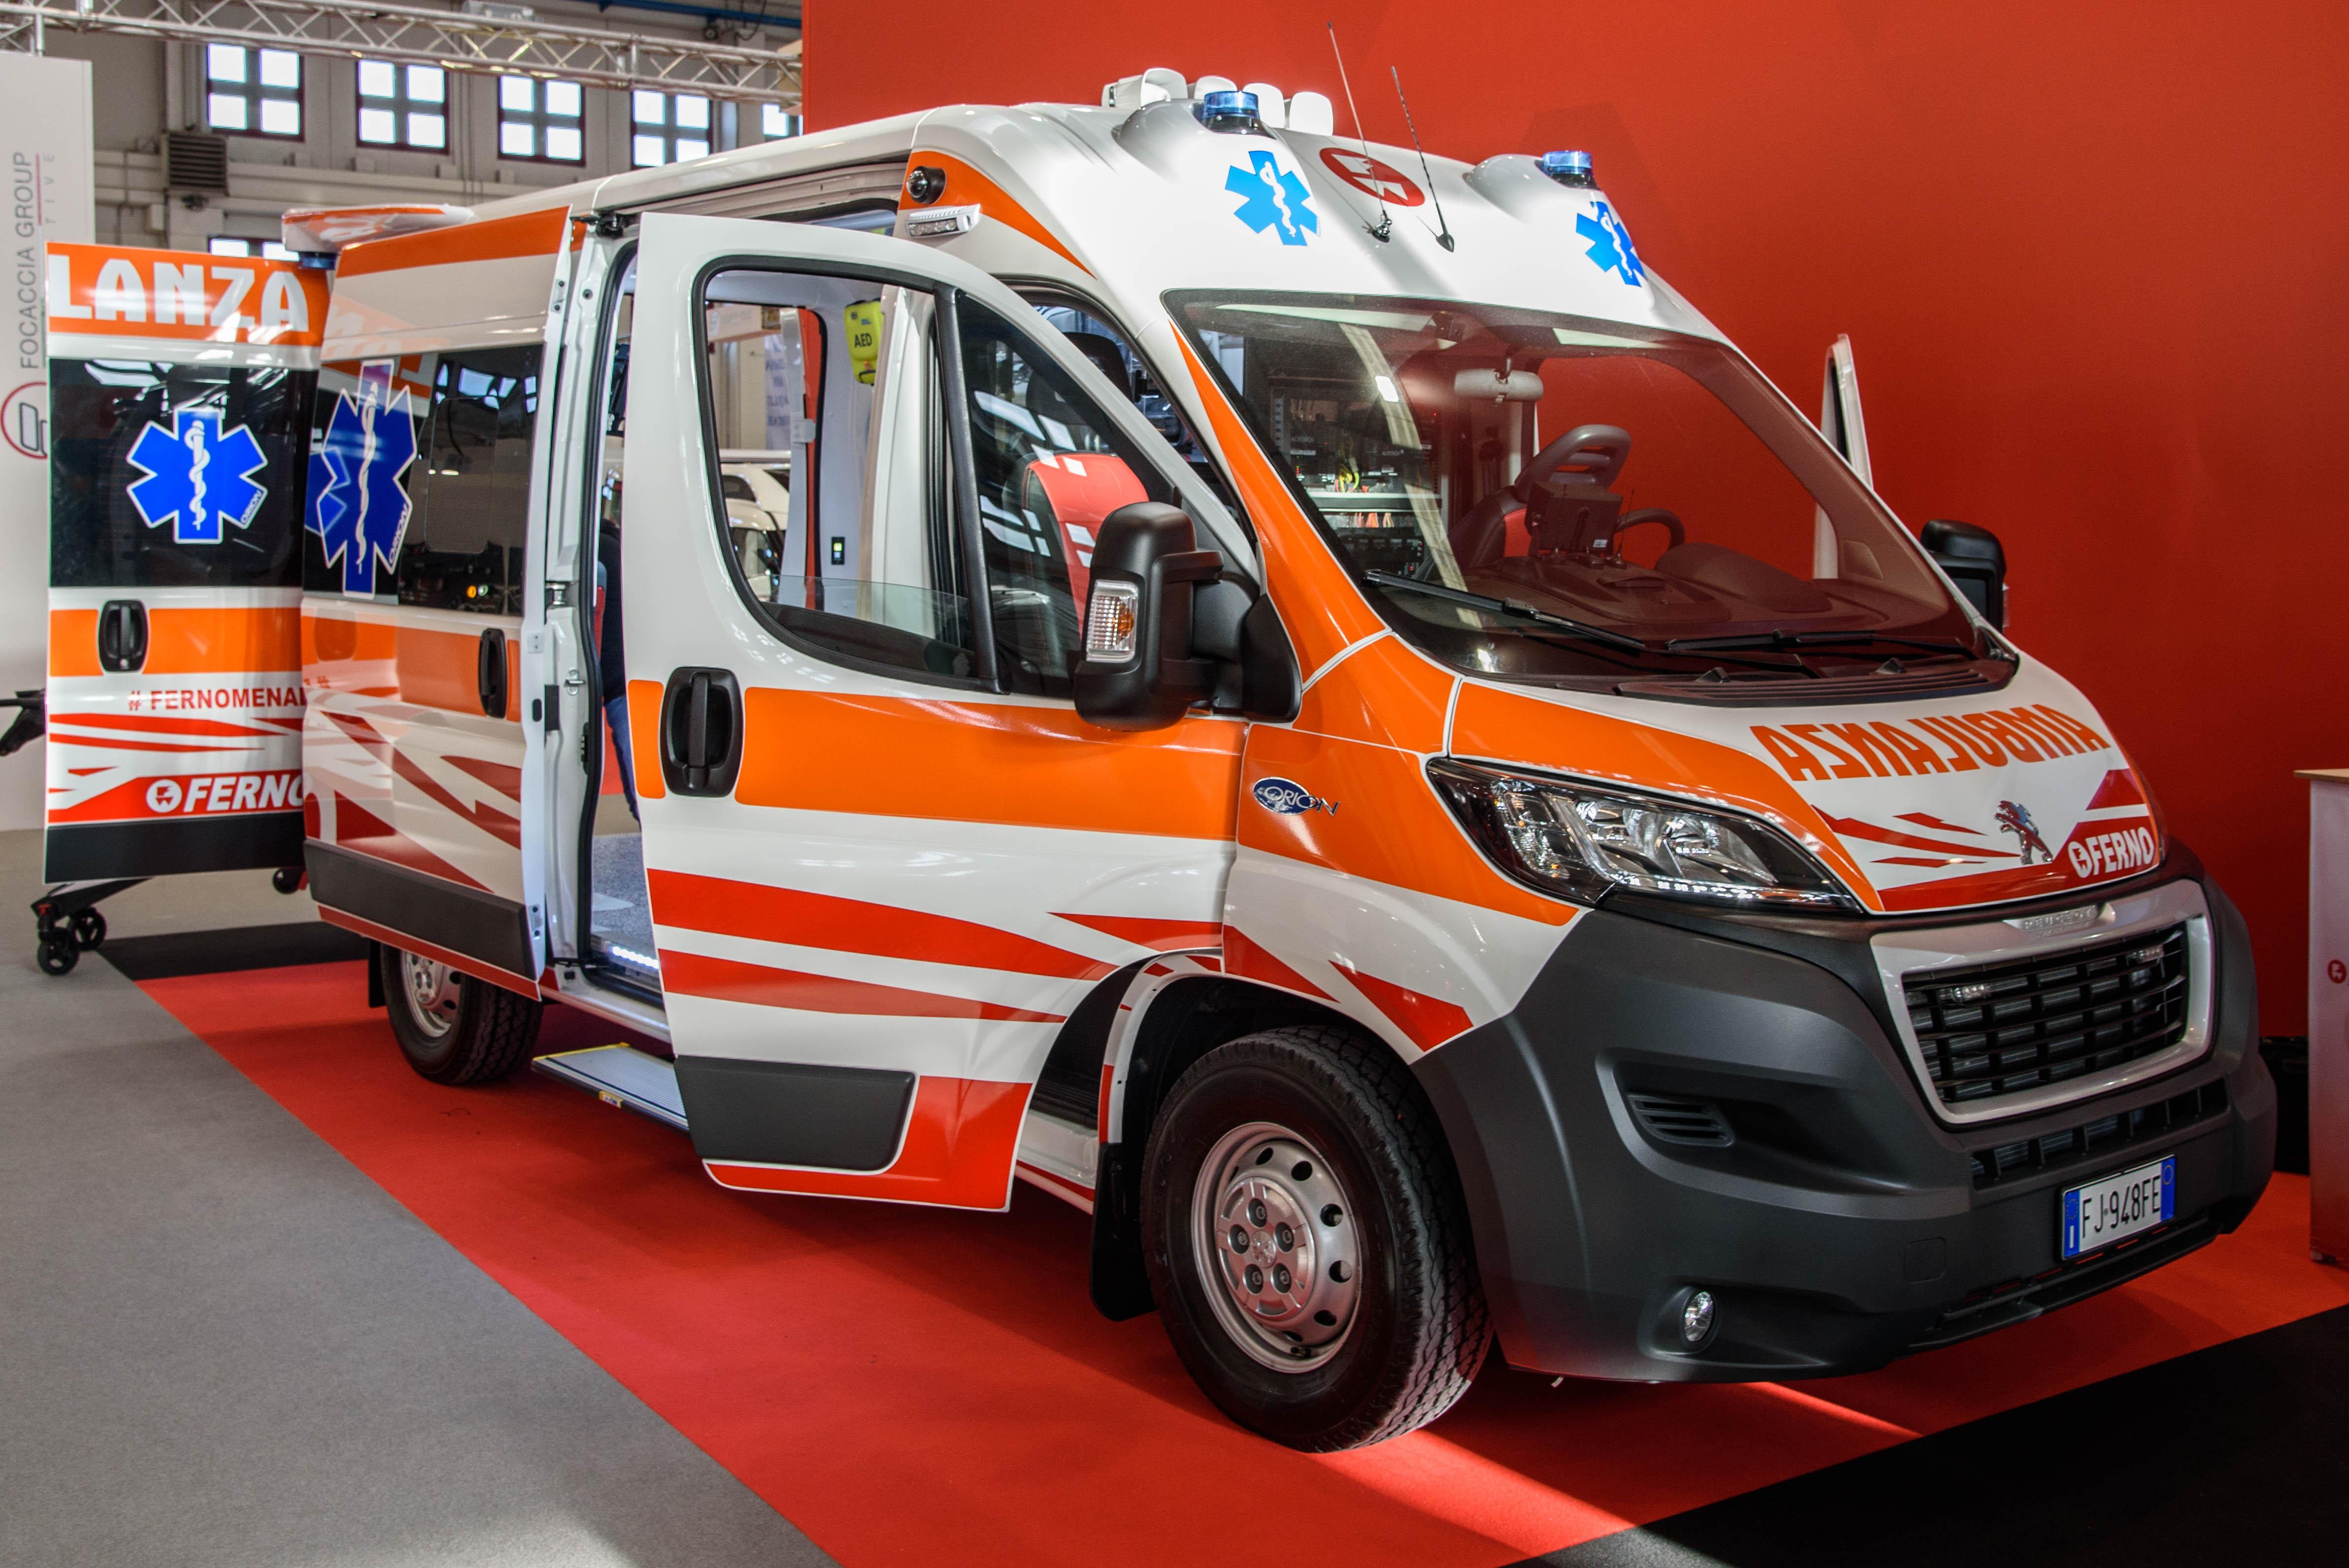 Ferno Italia presenta iNTRAXX: Come si risolvono i principali problemi di spazio e configurazione in una ambulanza? | Emergency Live 1